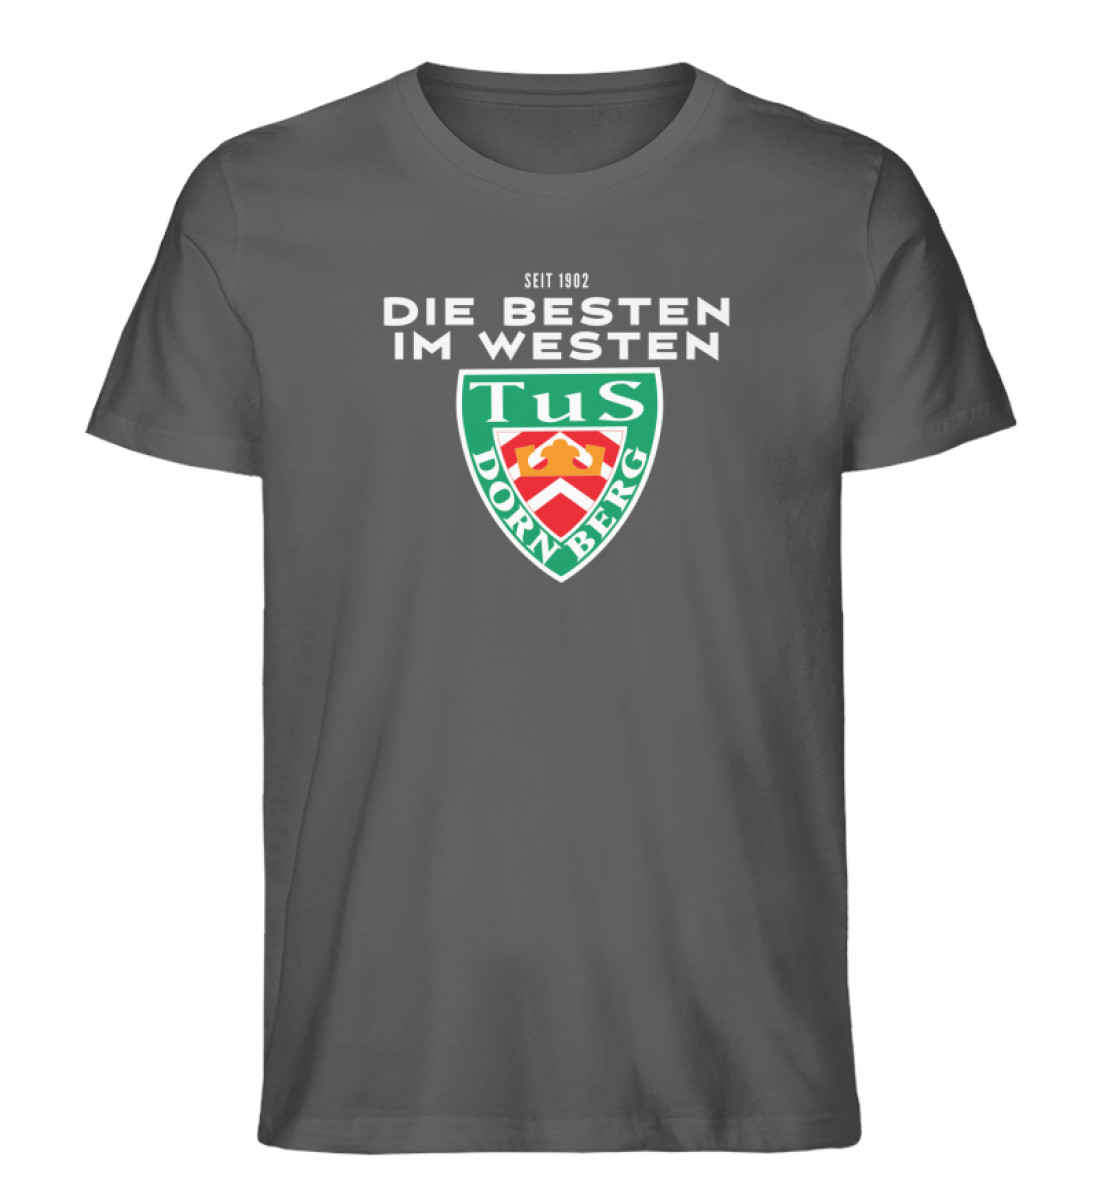 Die Besten im Westen - Herren Premium Organic Shirt-6896